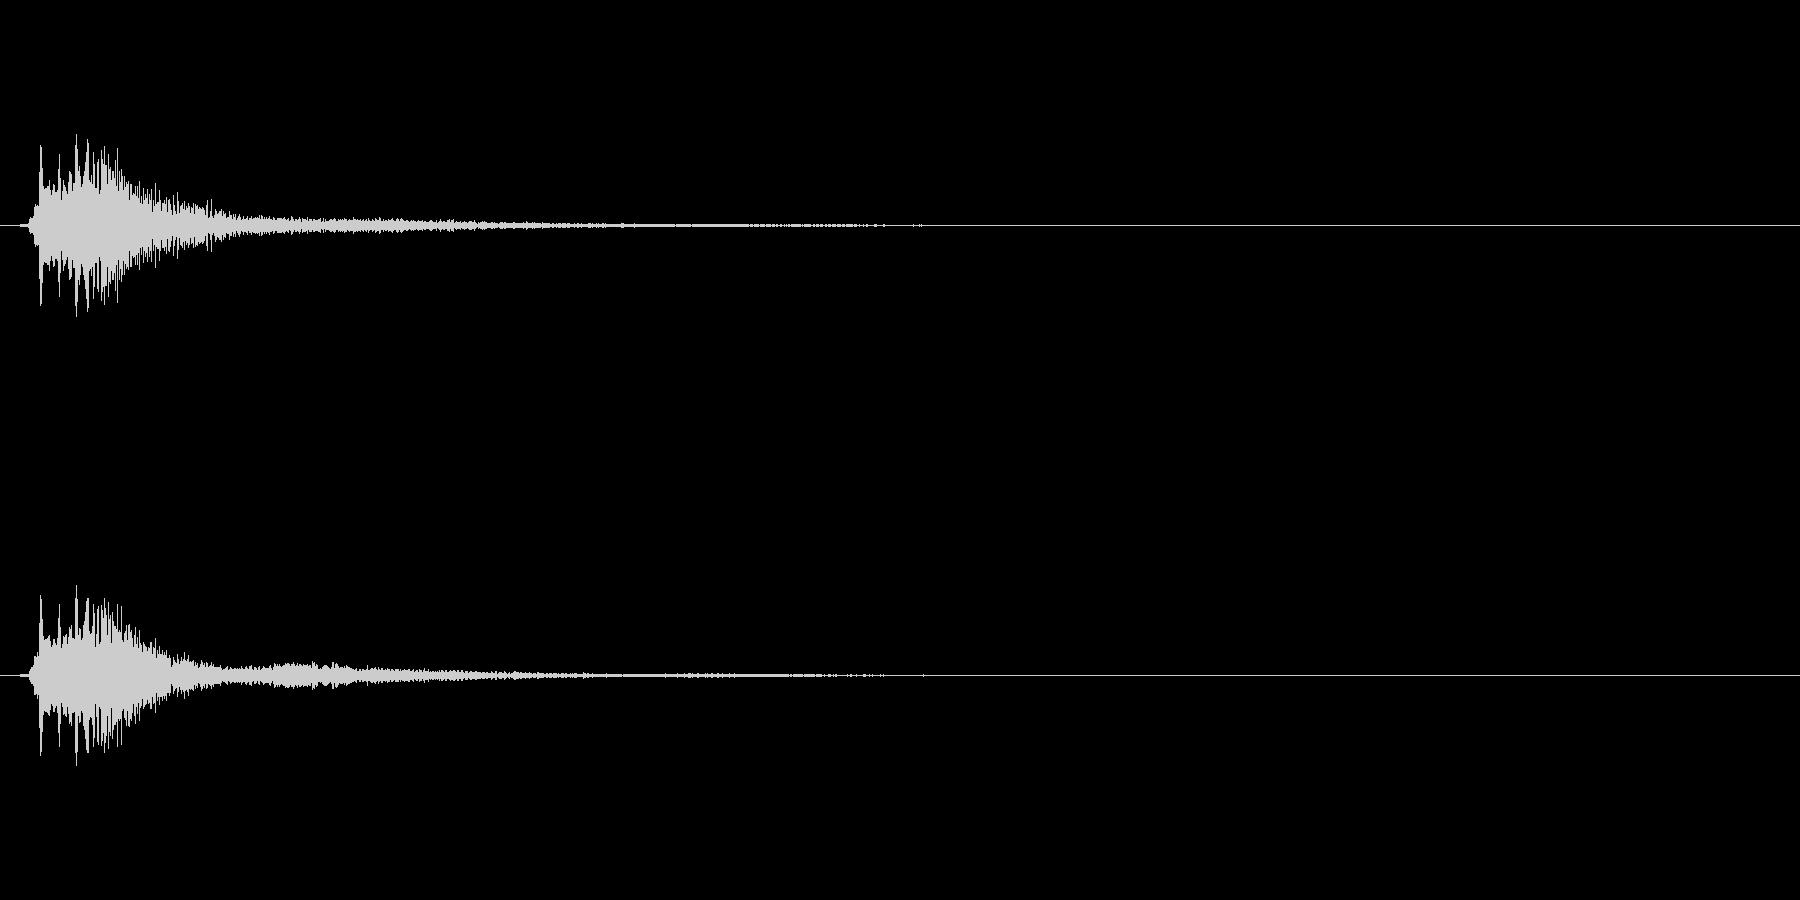 キラキラ系_013の未再生の波形